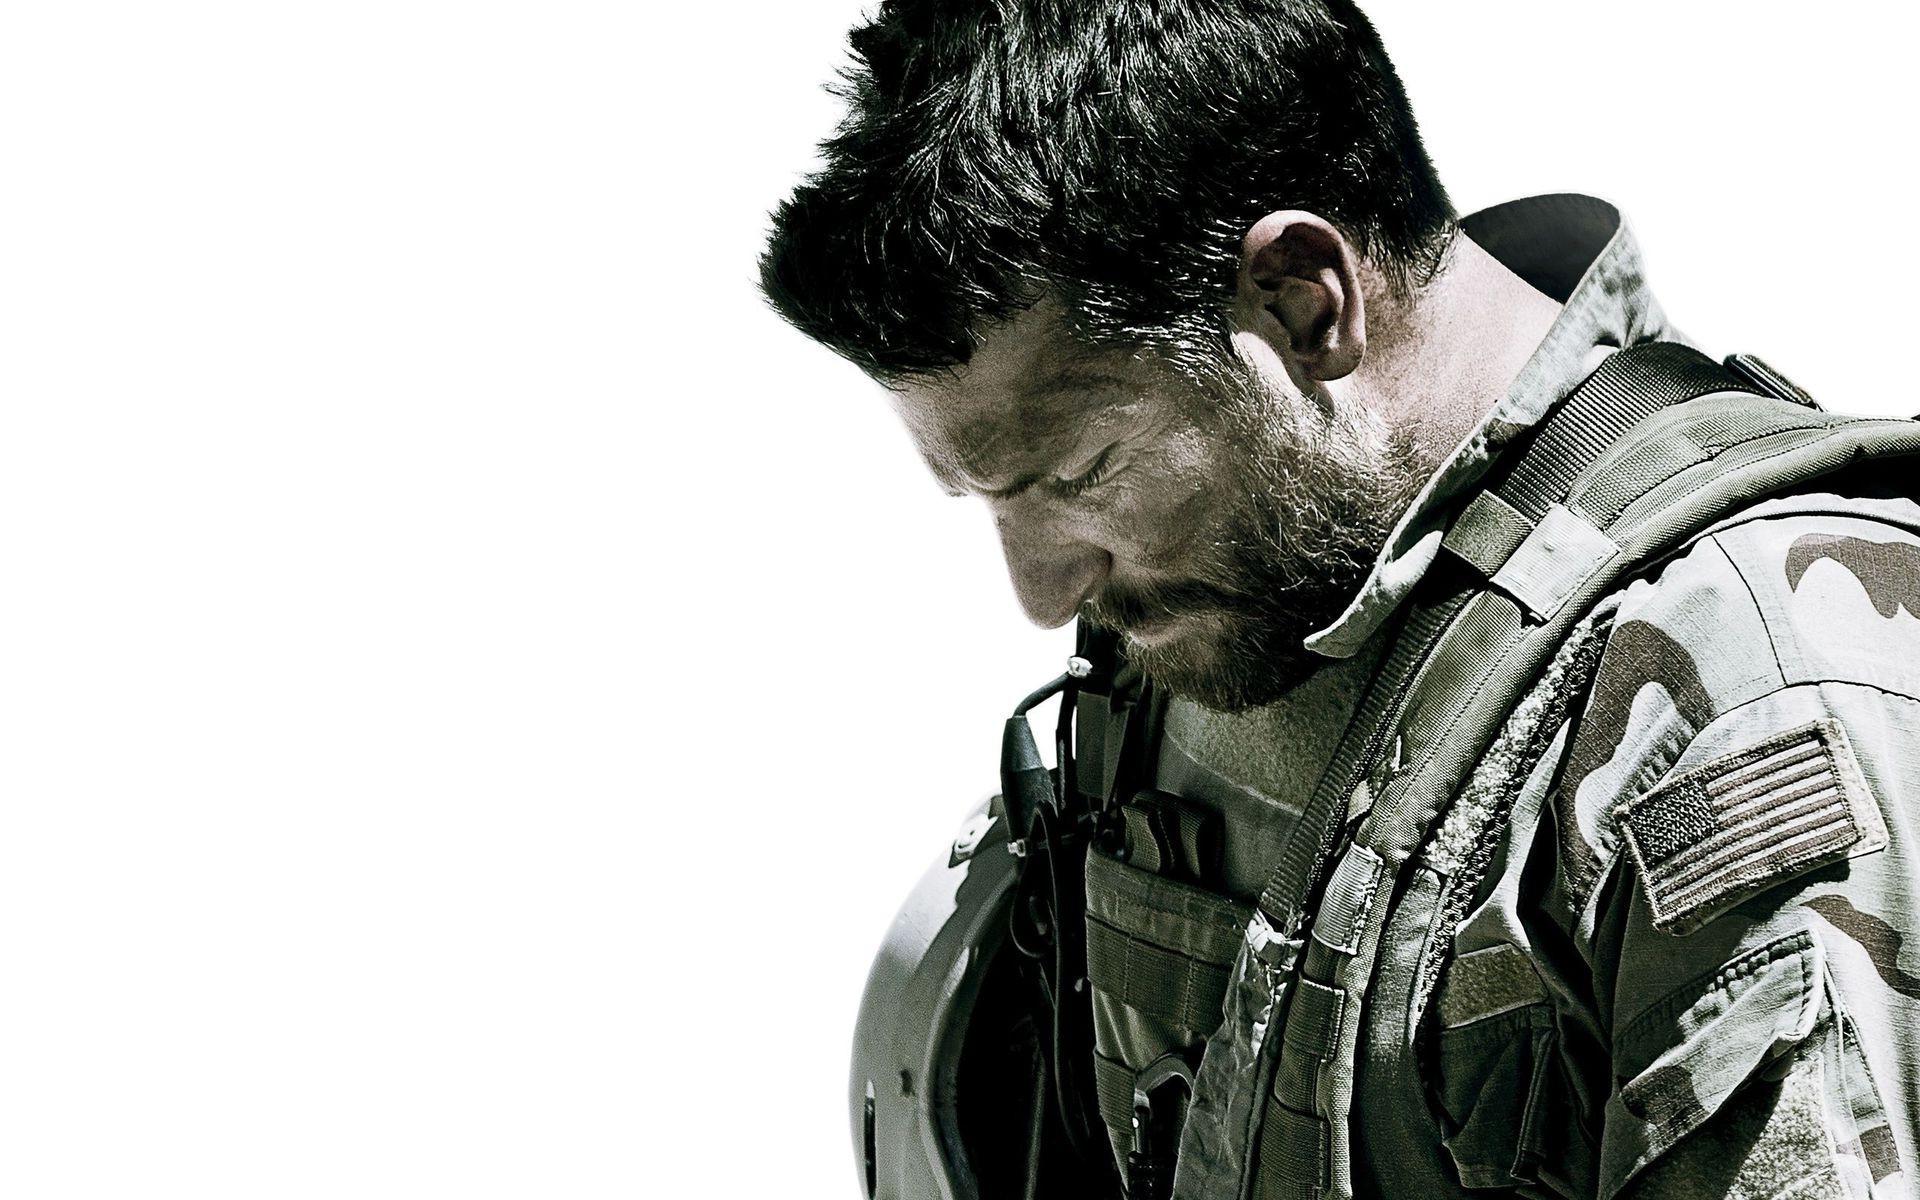 Hintergrundbilder 1920x1200 Px American Sniper Bradley Cooper